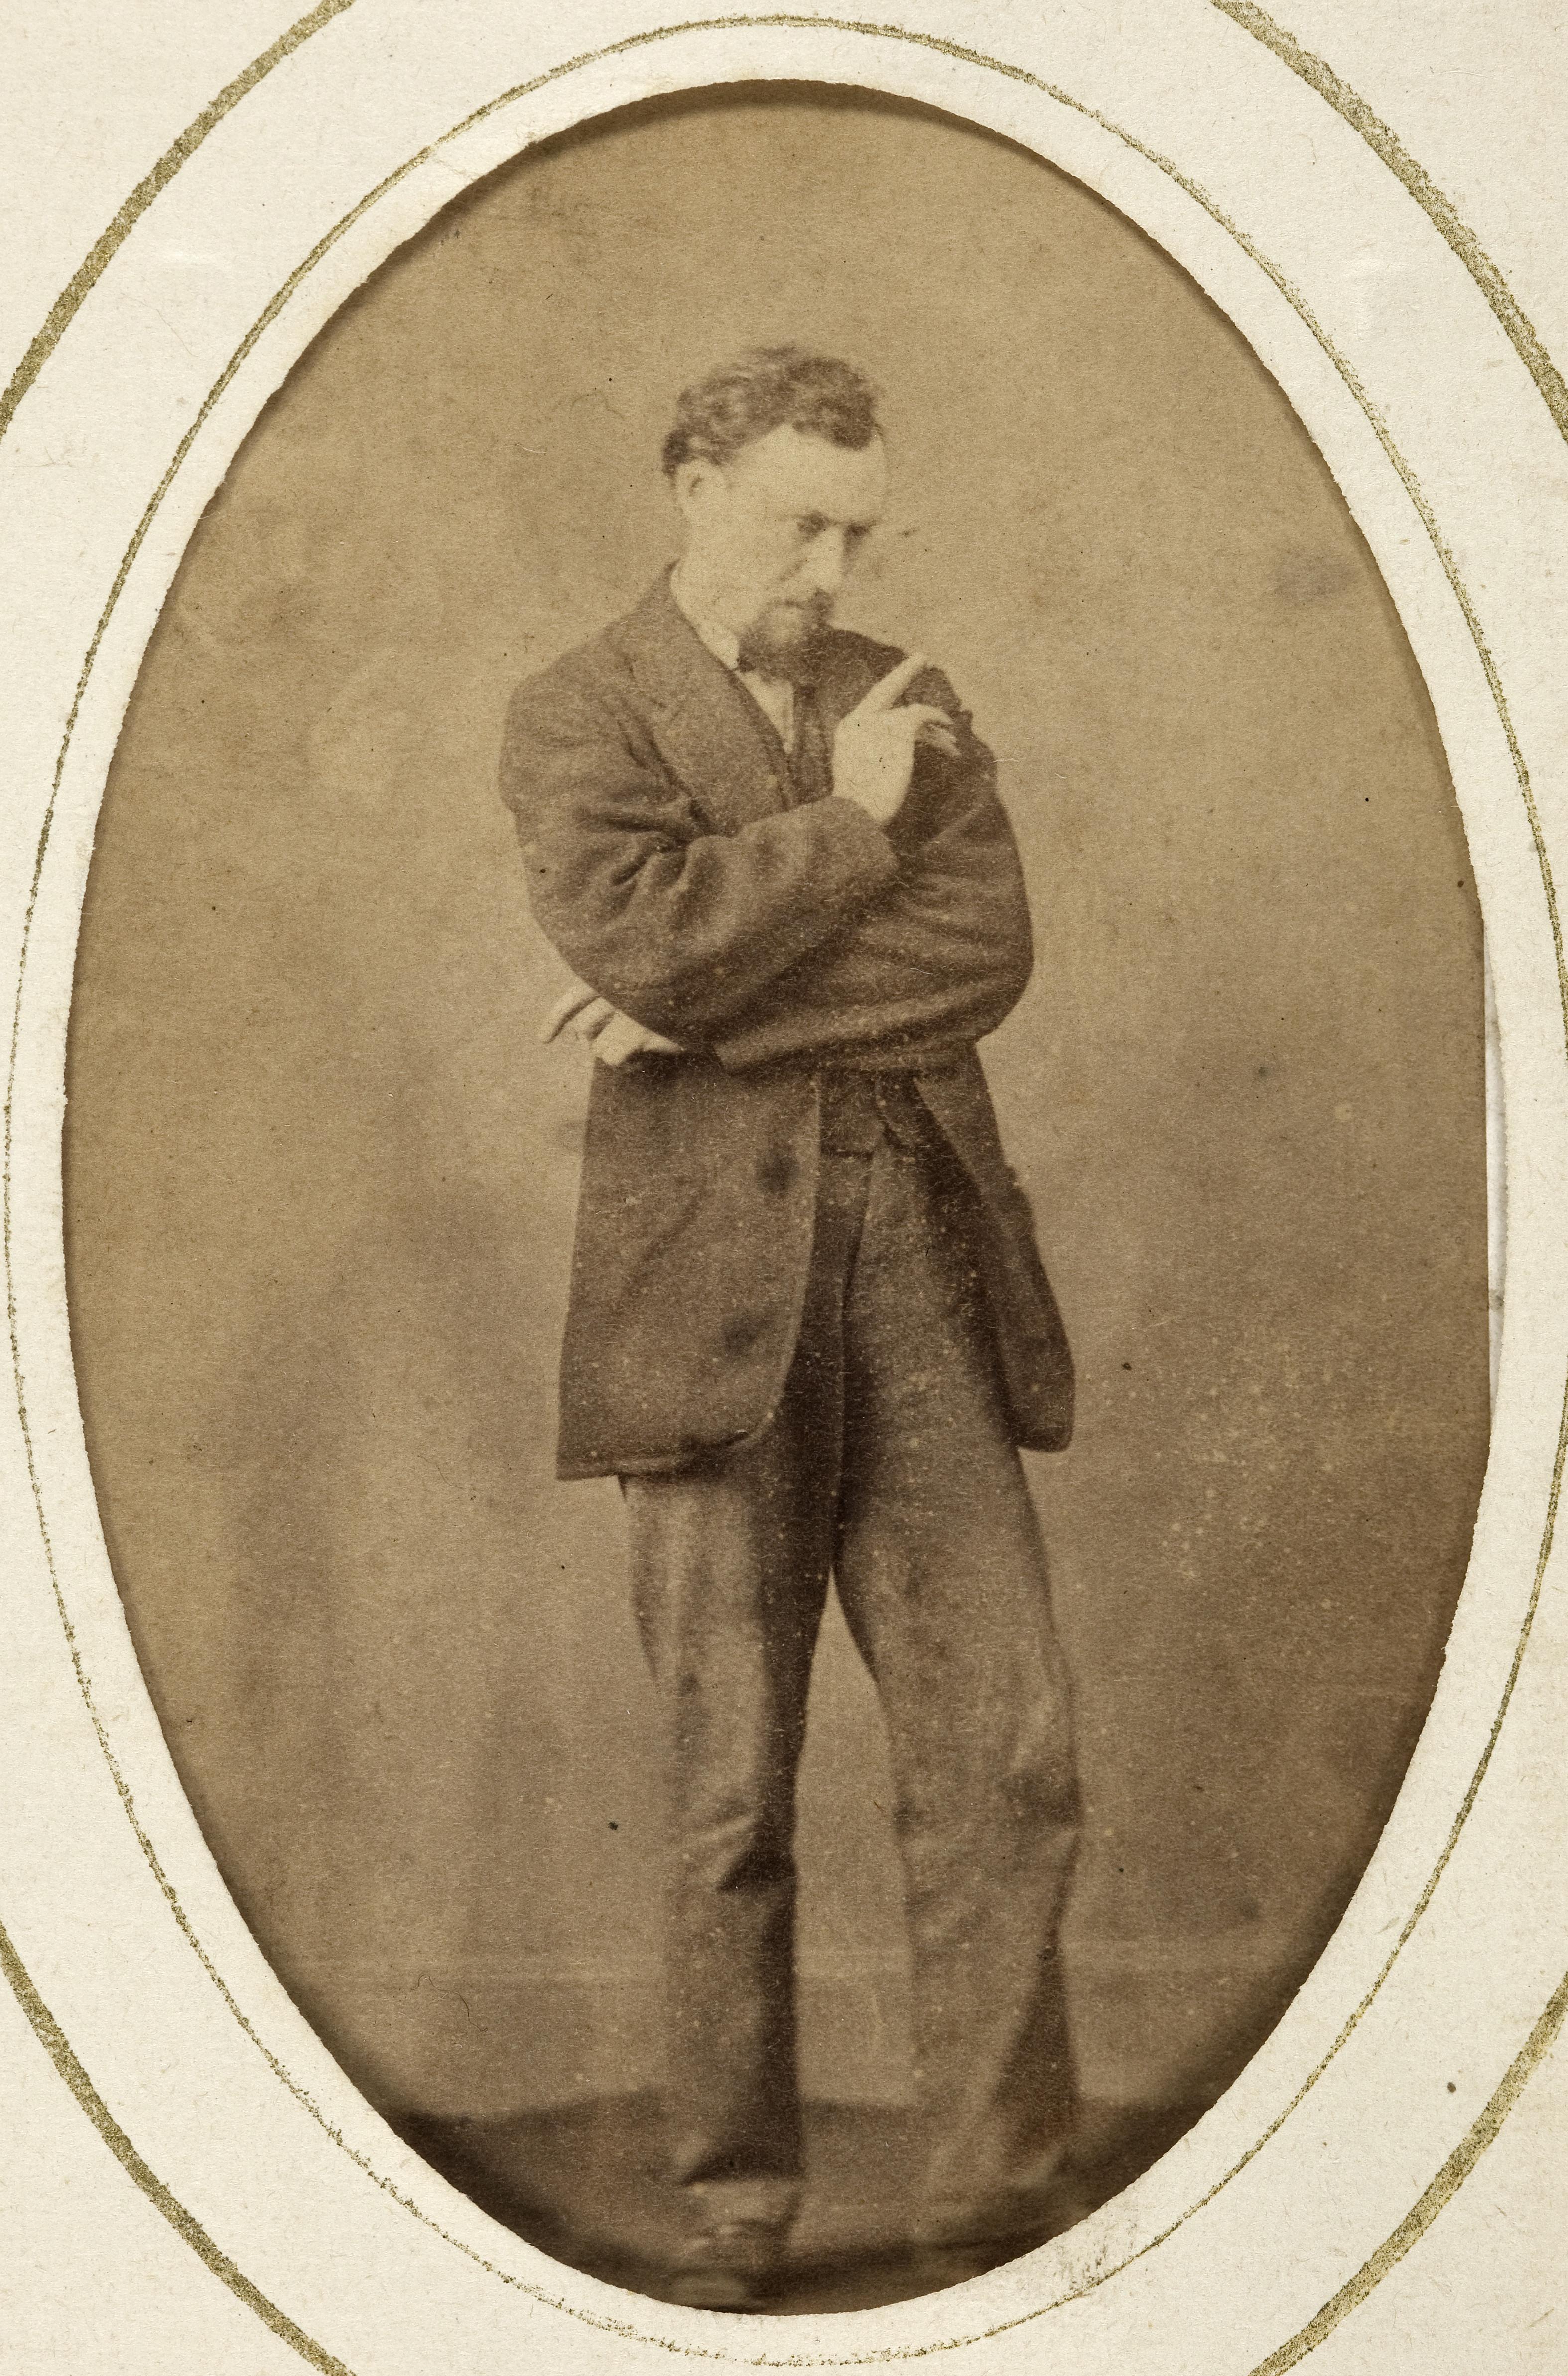 Image of Walter John Burton from Wikidata